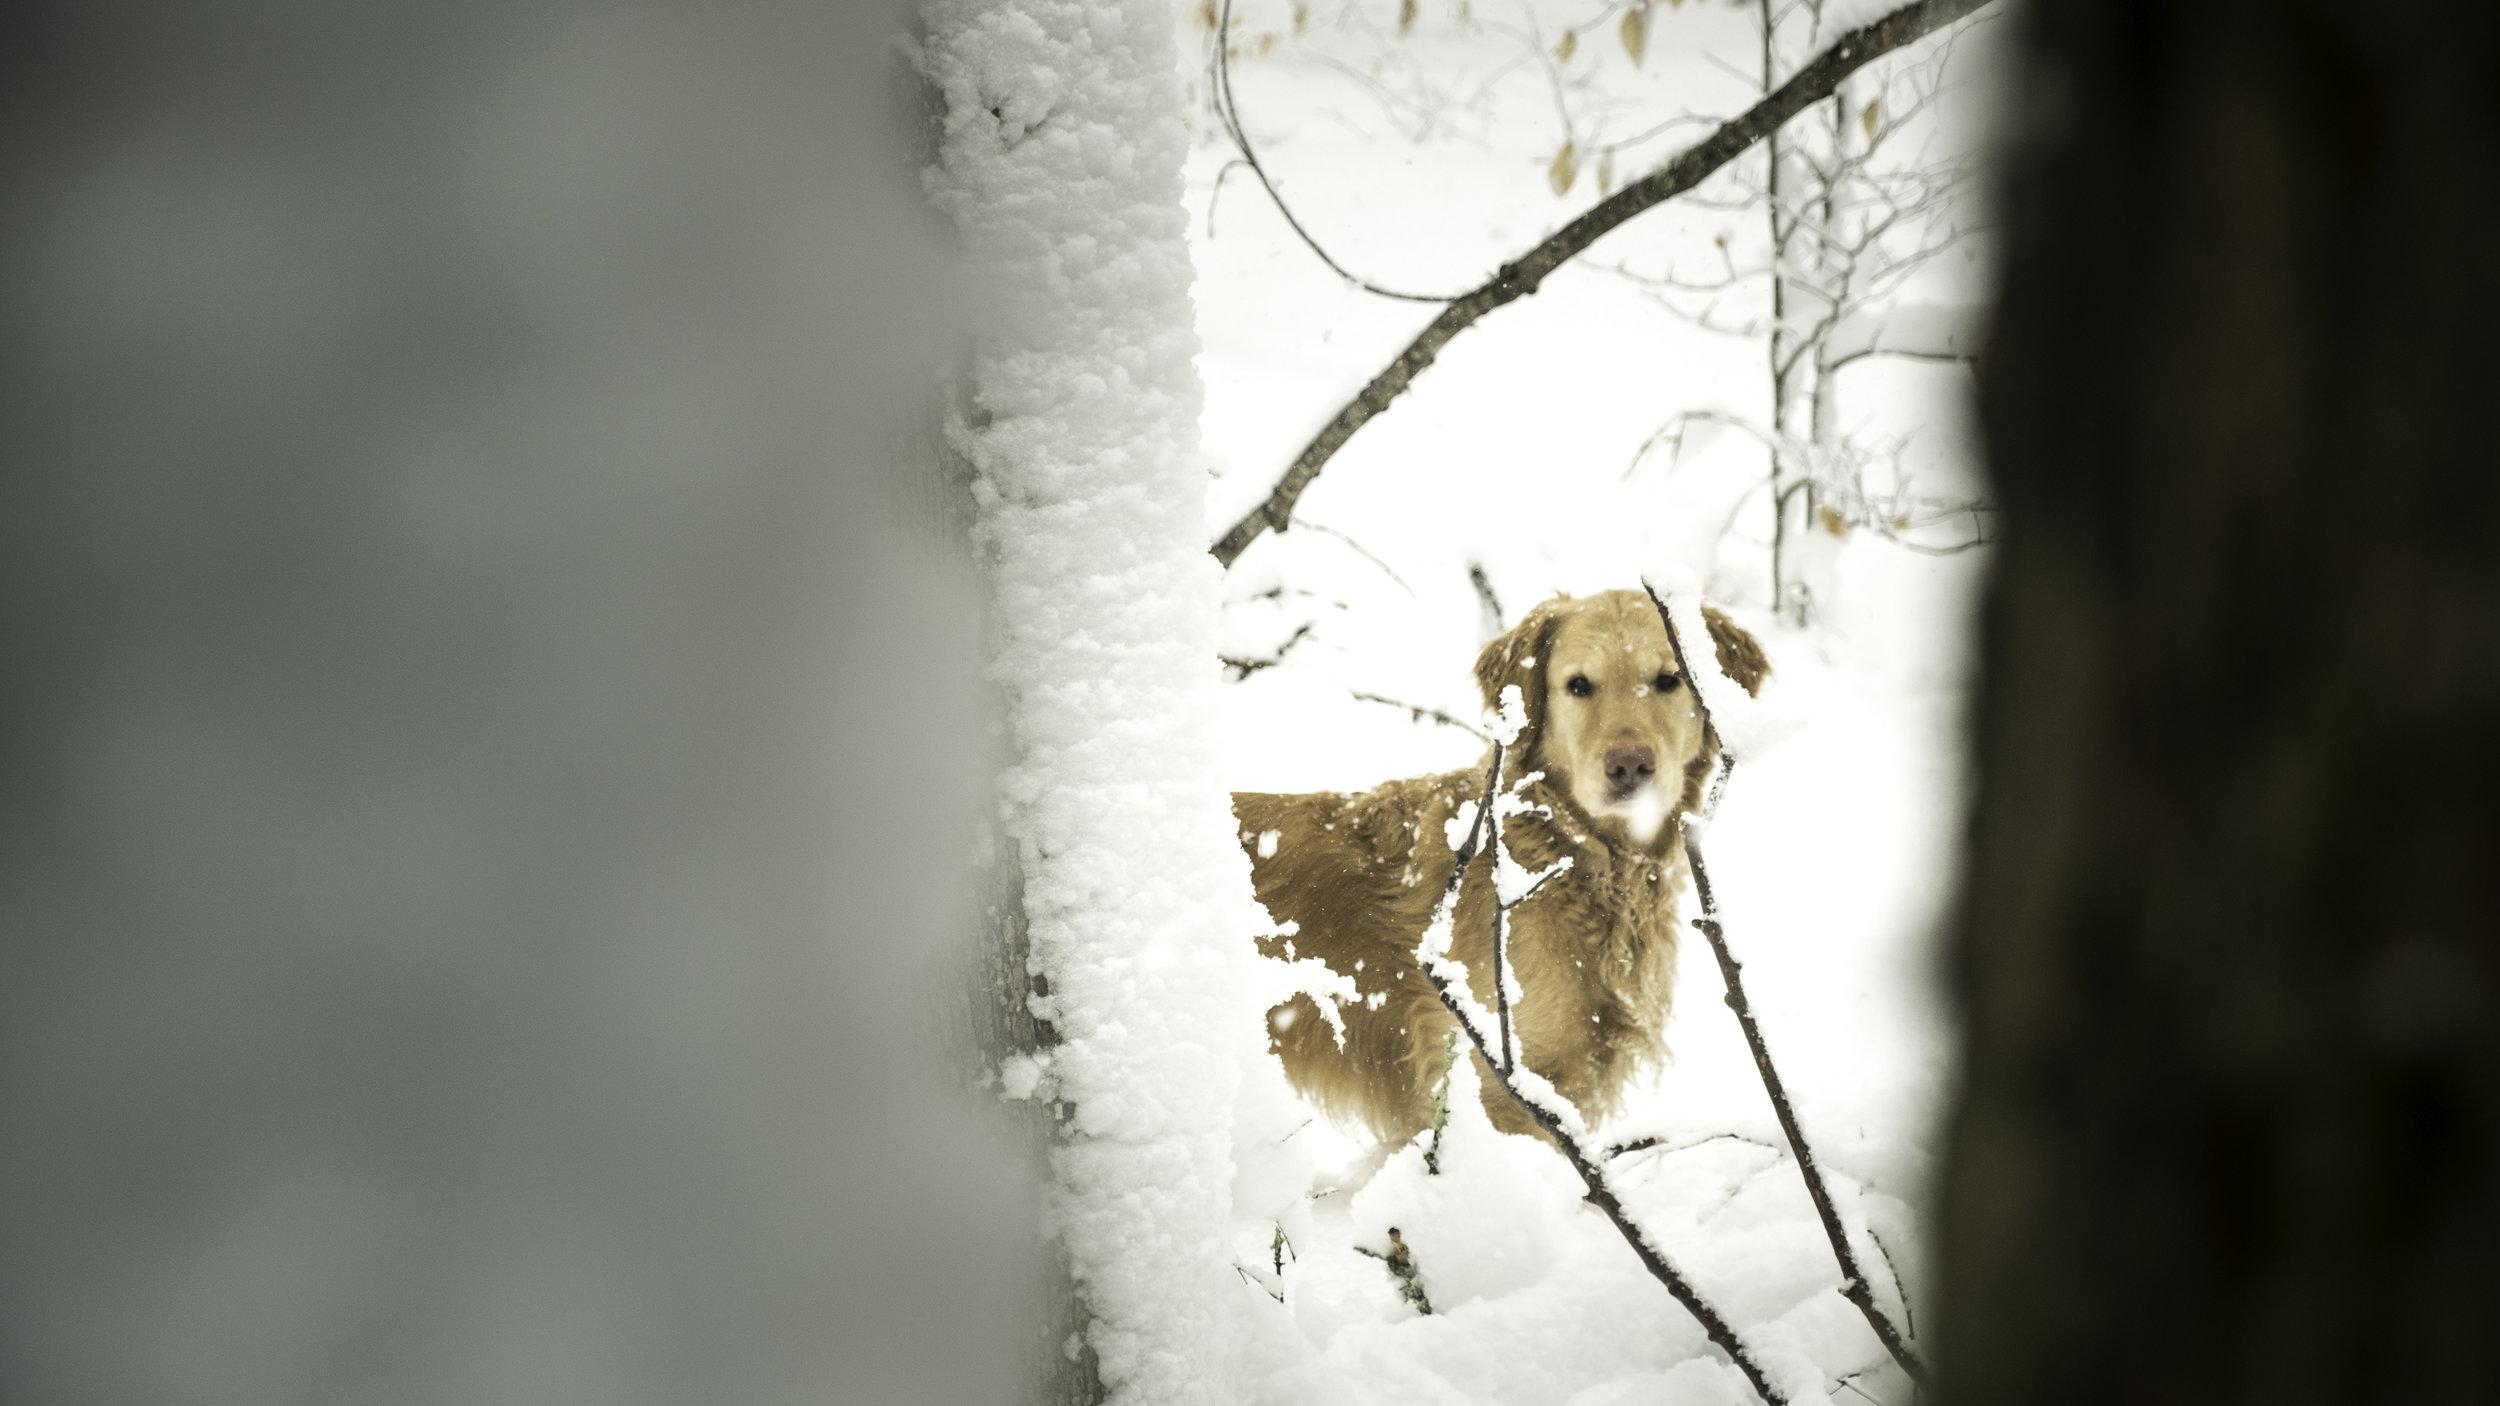 20180308_untitled_SnowStormBackyard_DSCF4378.jpg